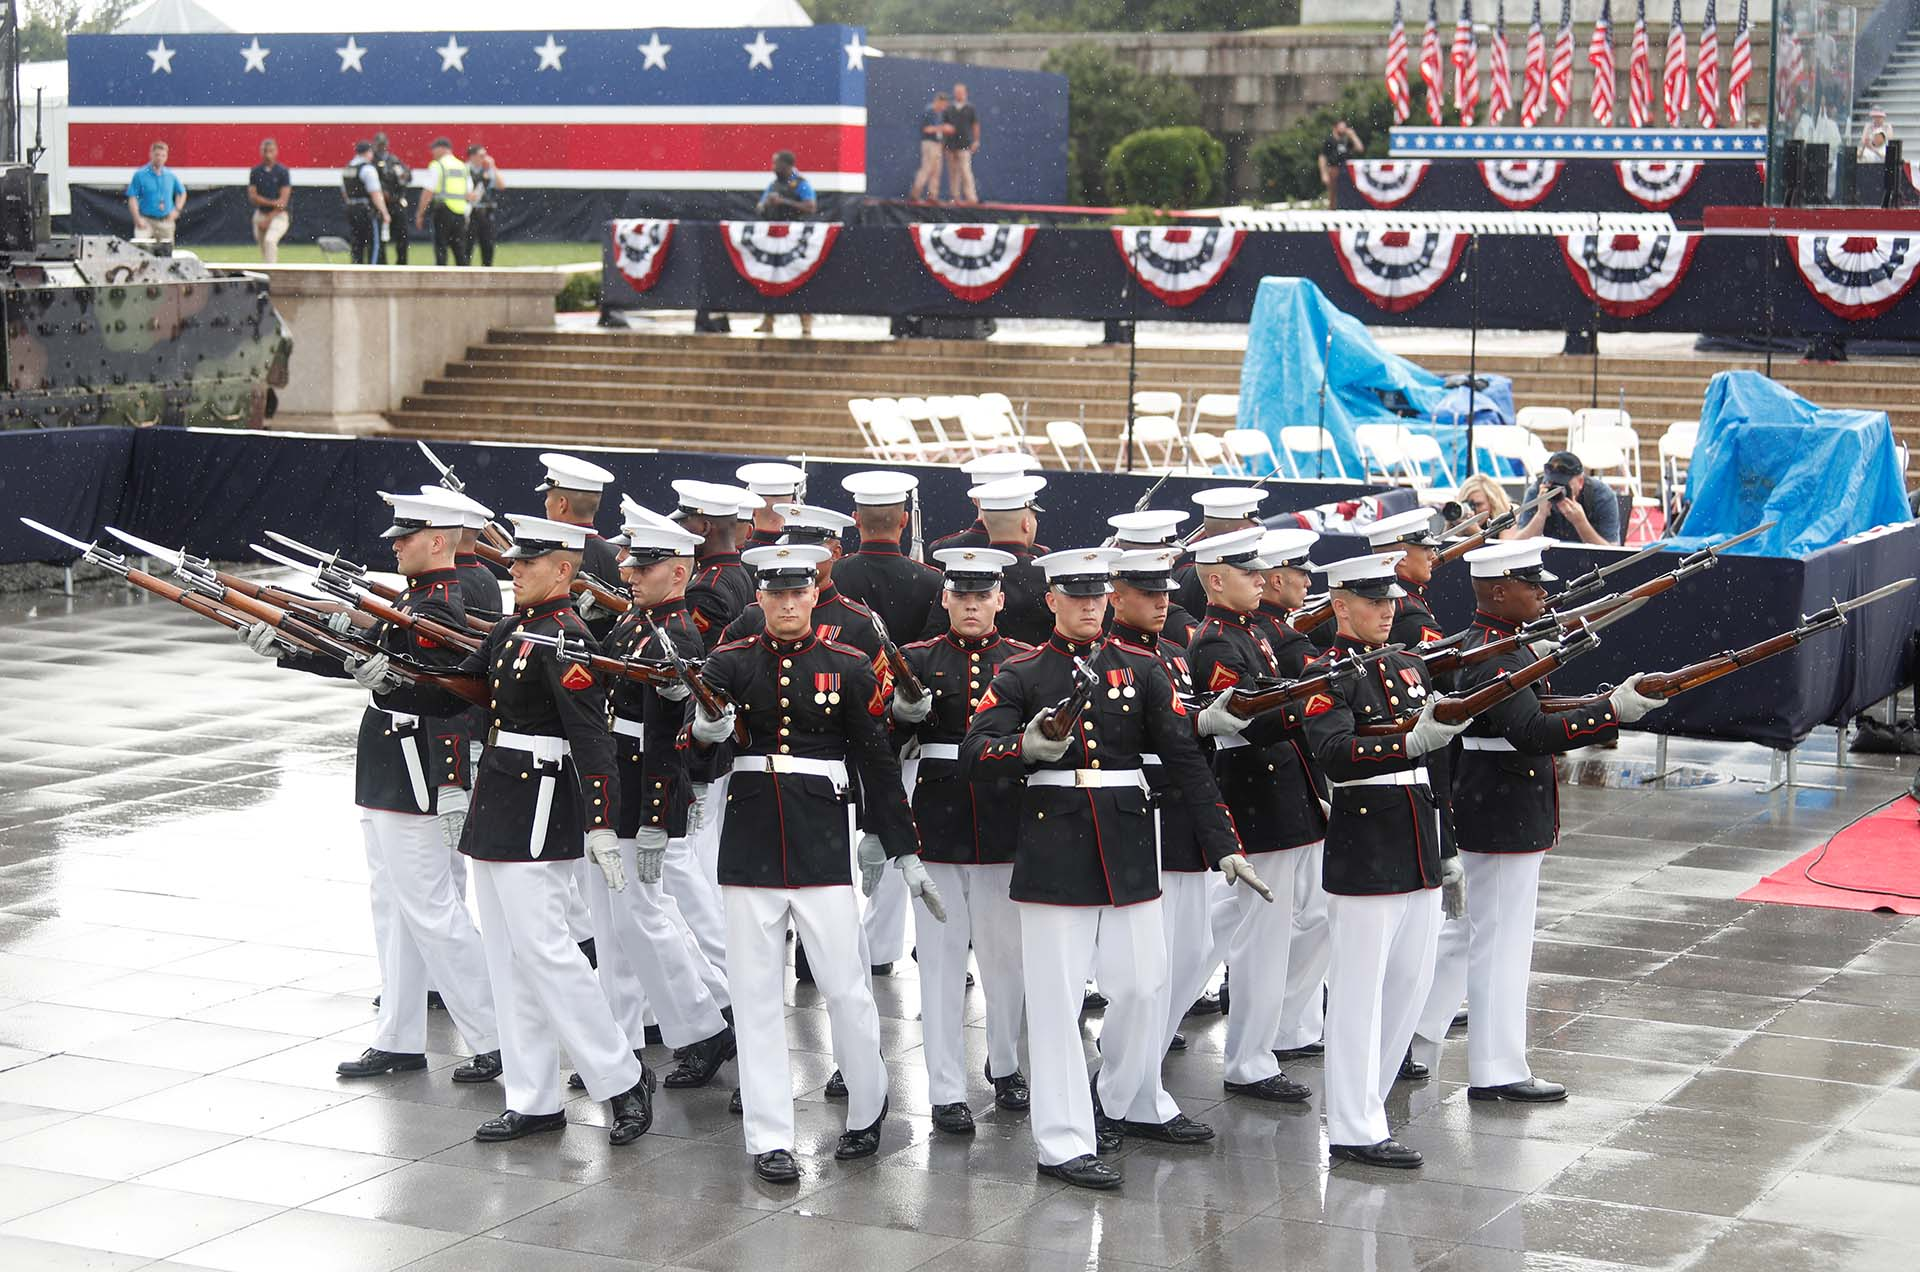 El Pelotón de Simulacros Silenciosos del Cuerpo de Marines de los EEUU